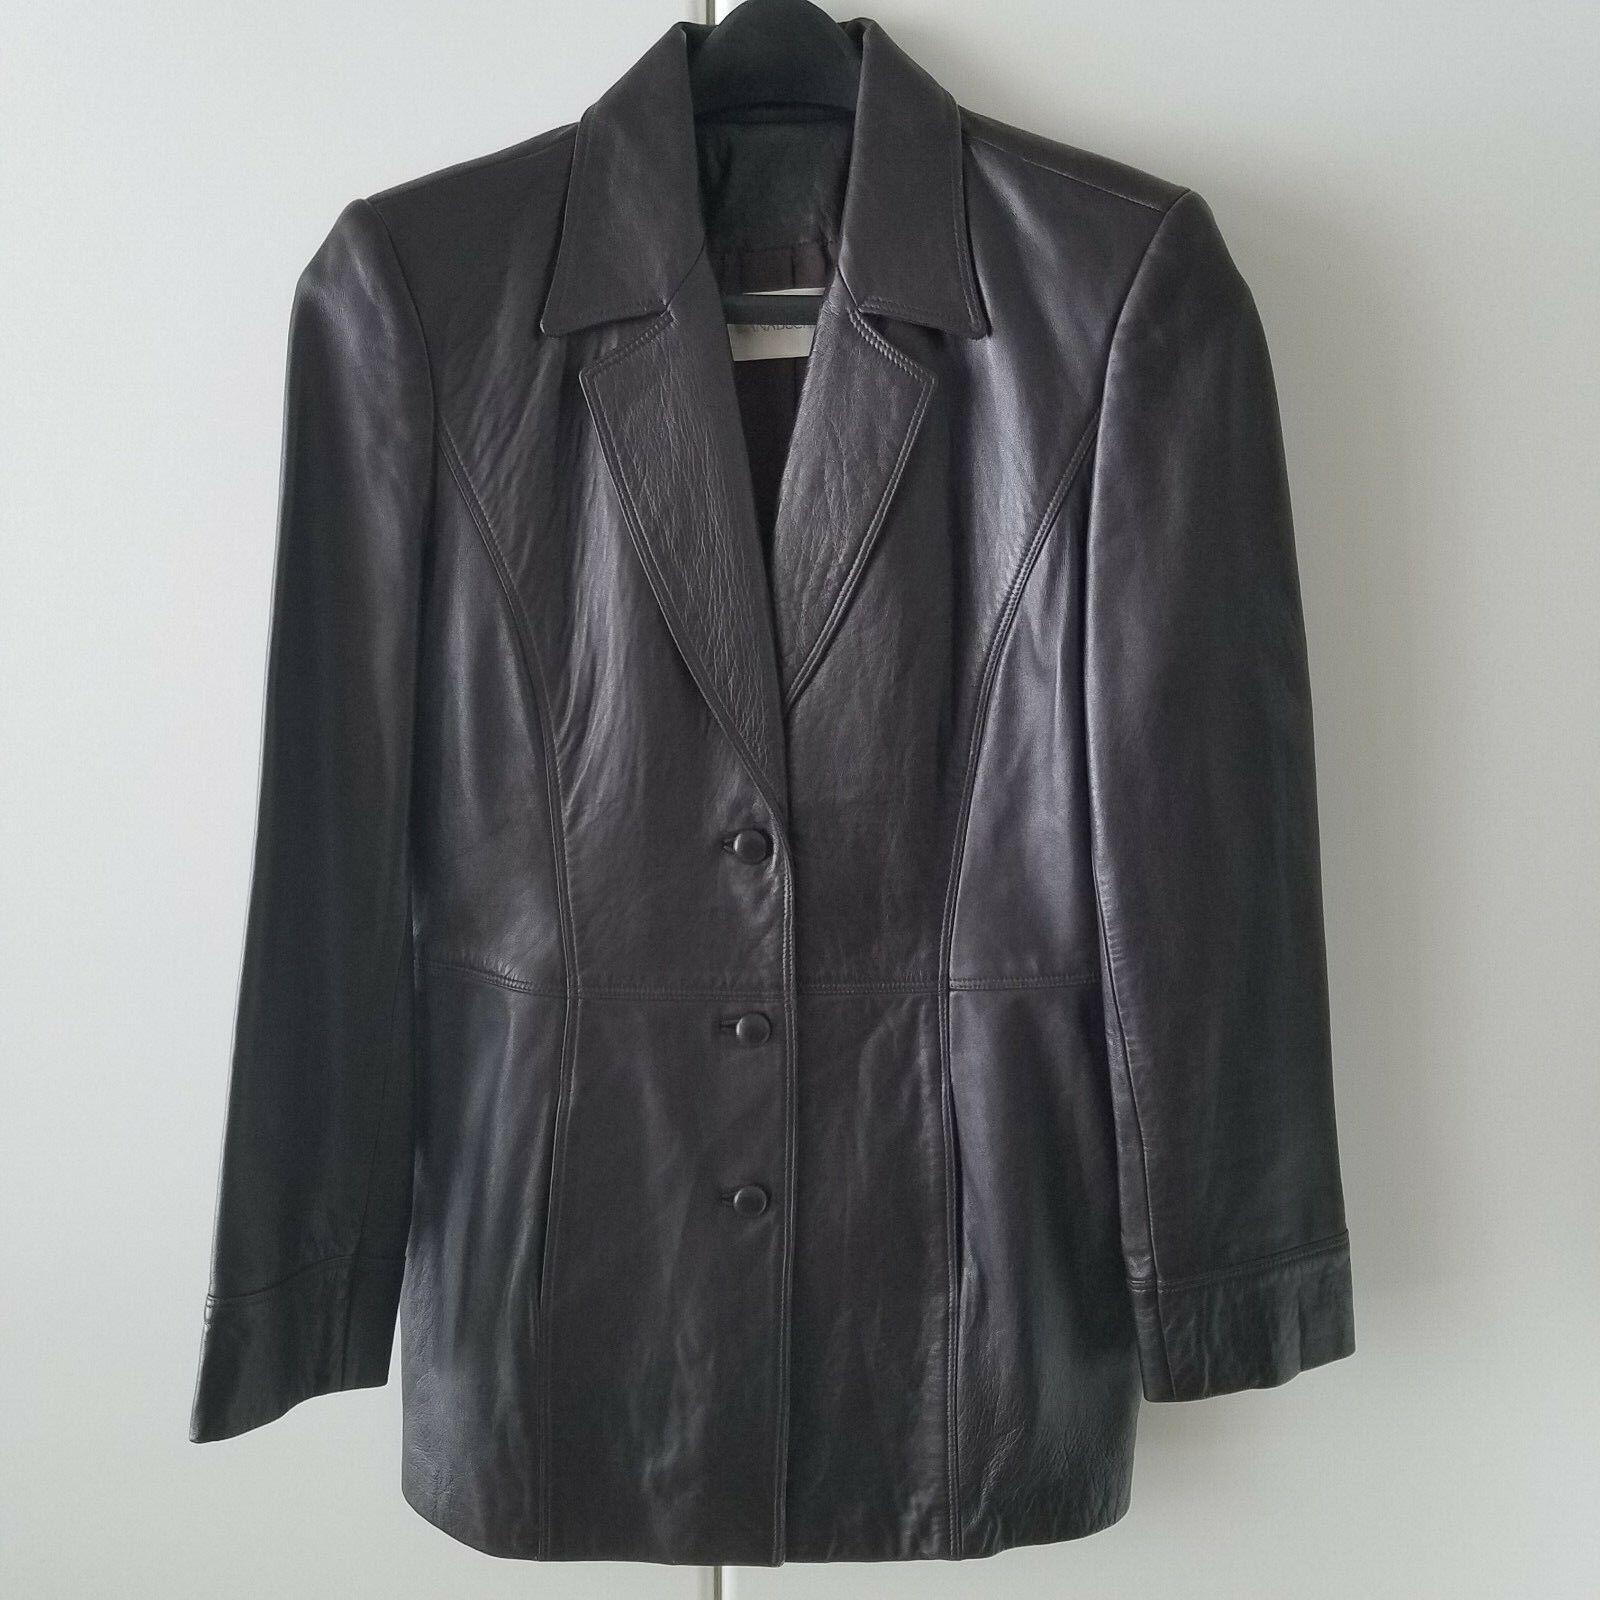 Dana Buchman - Dark Brown Very Soft Leather Blazer - Women's Size 10